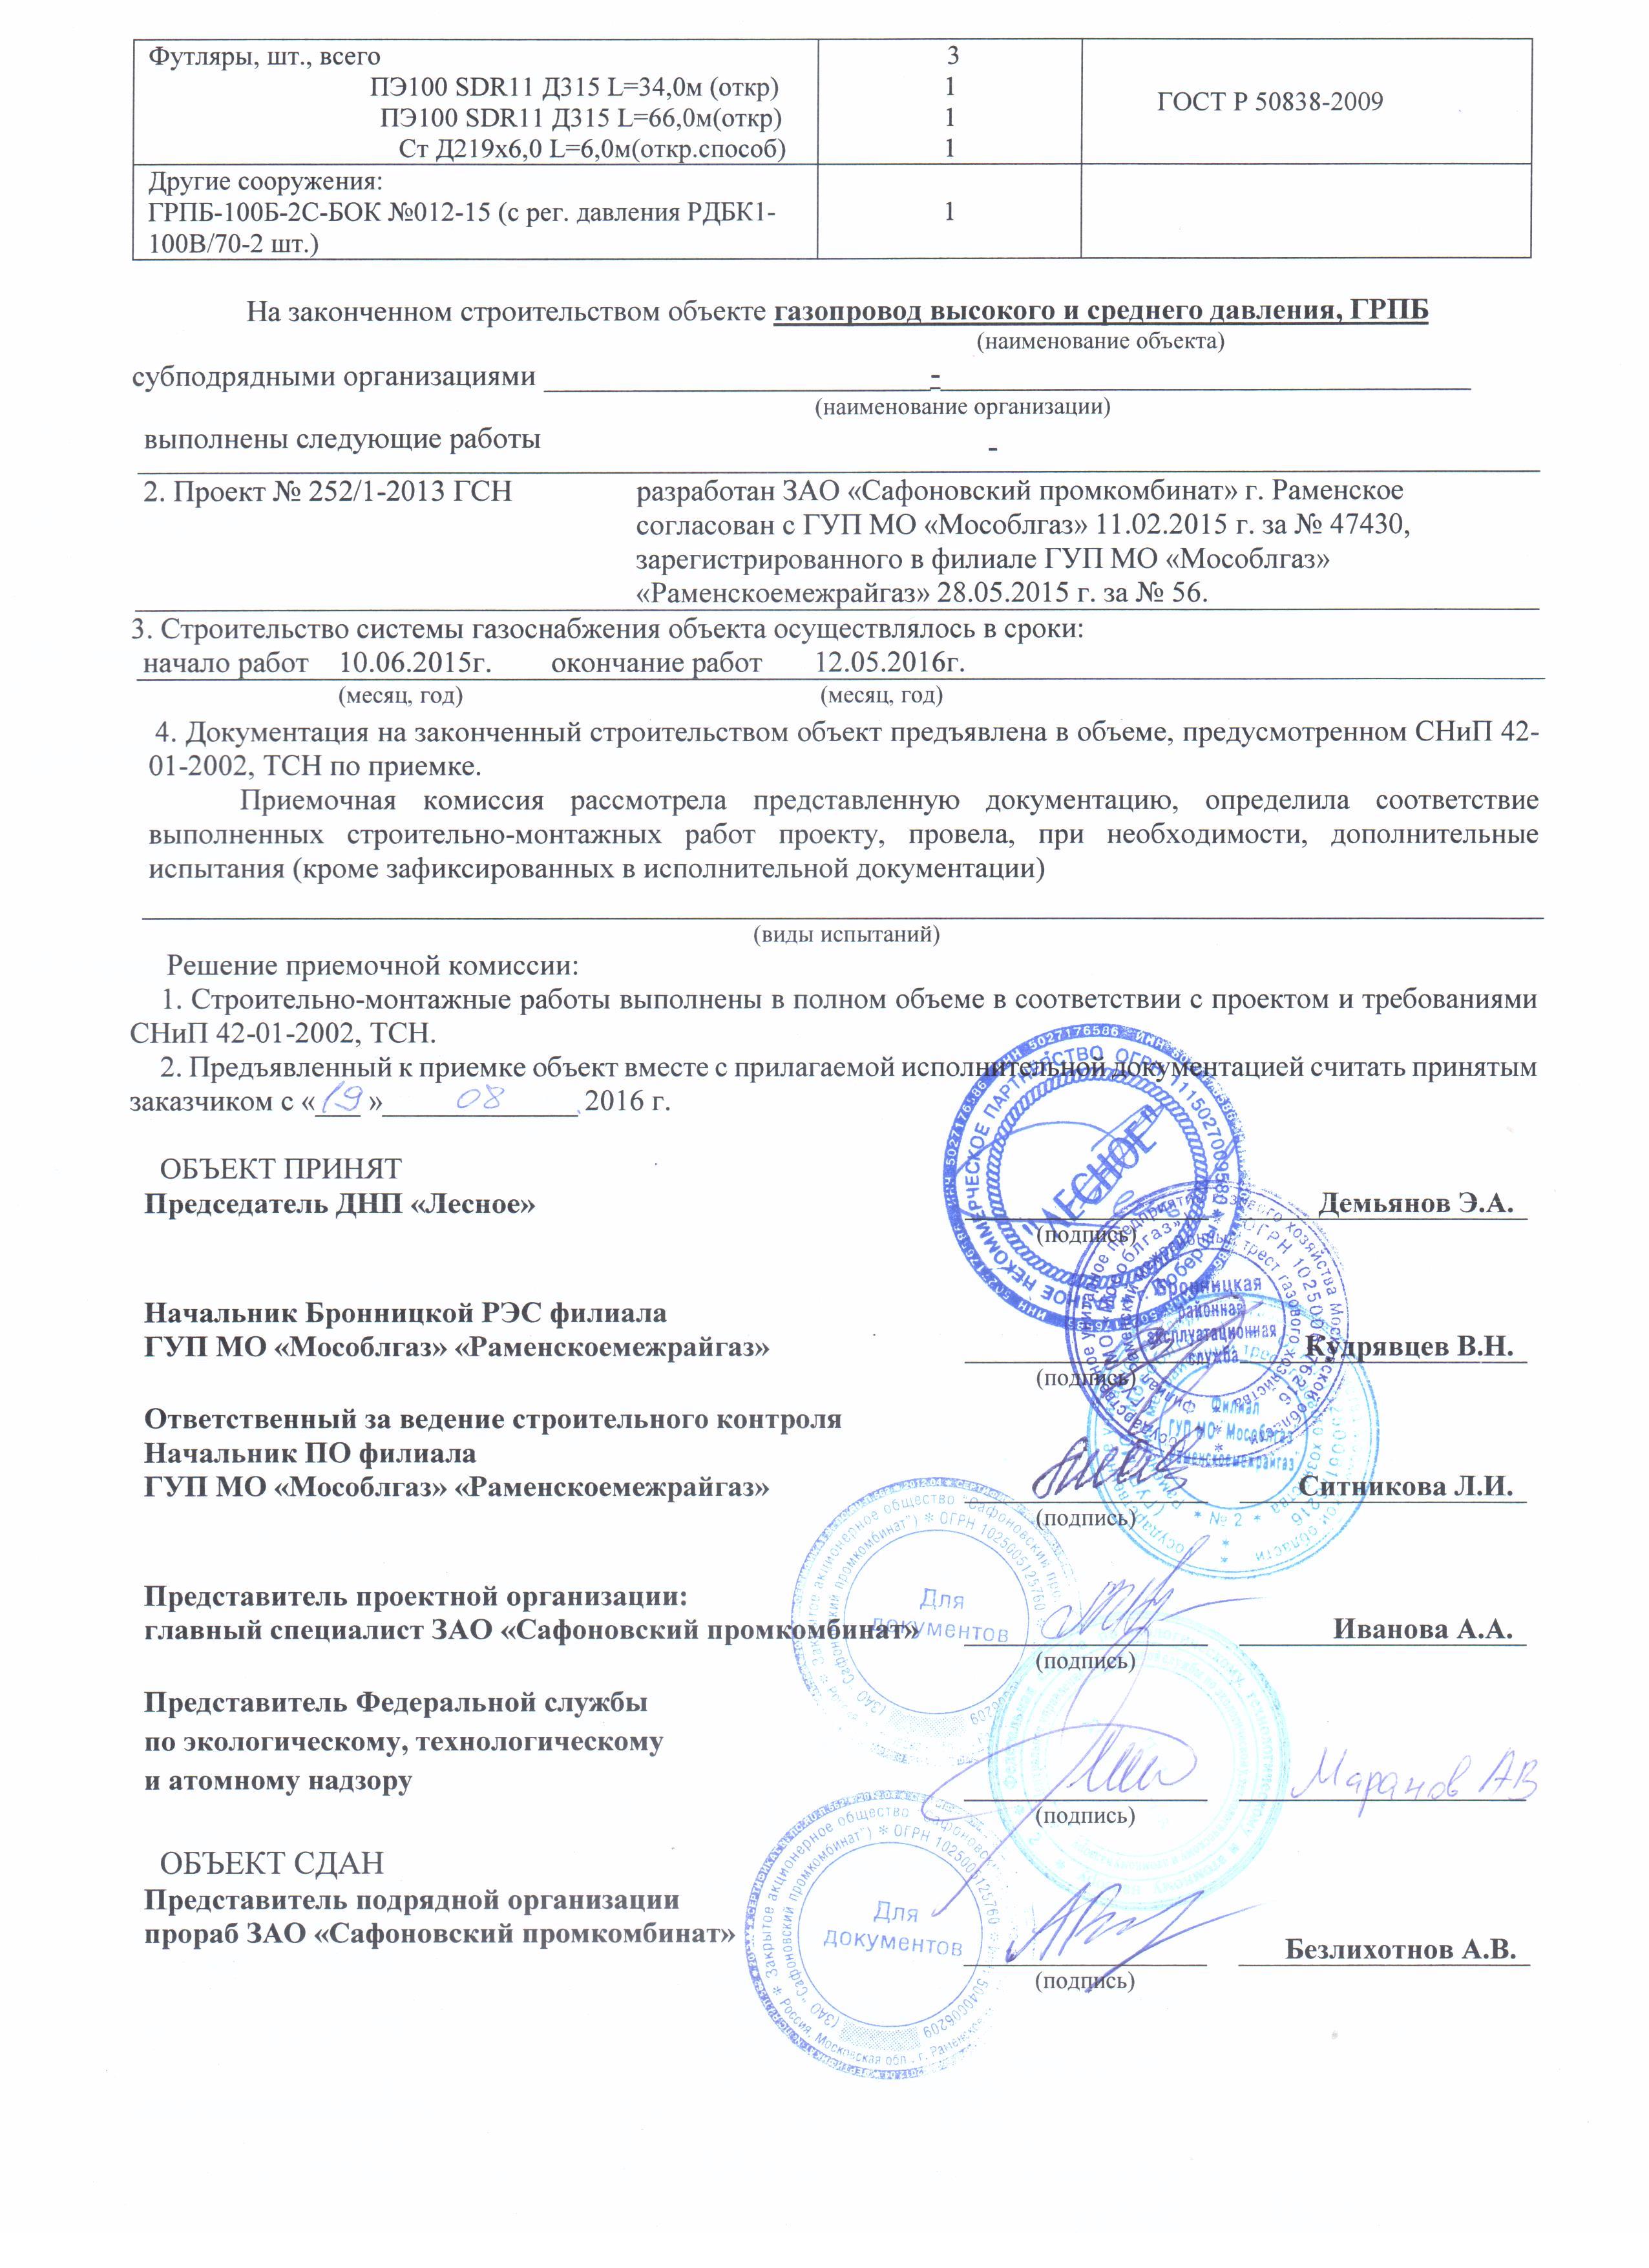 Акт приемки законченного строительством объекта газораспределительной системы